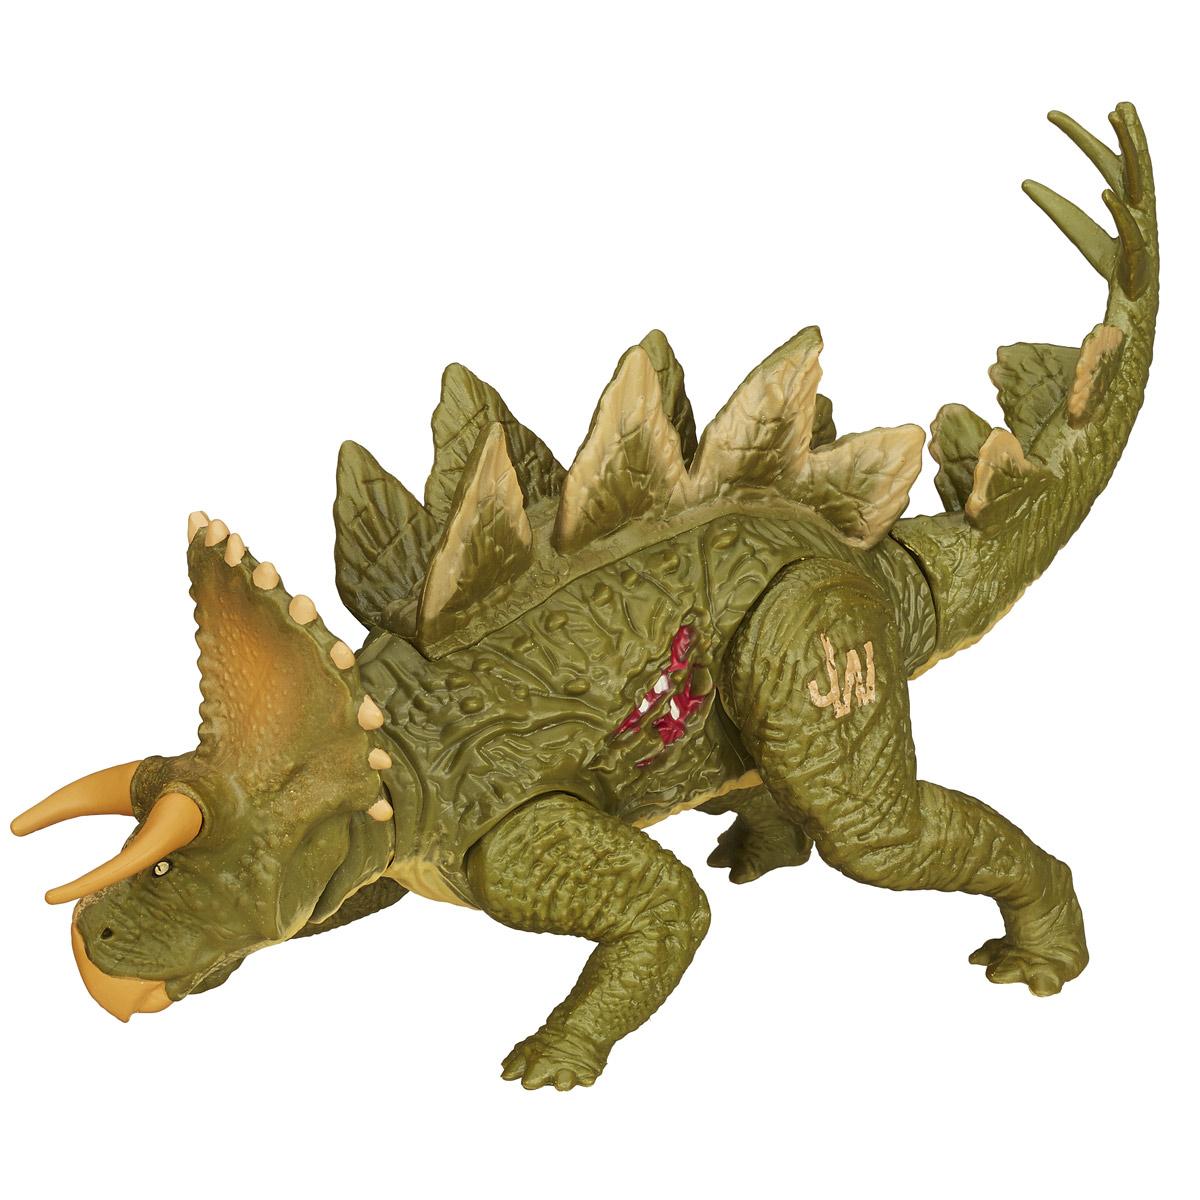 Фигурка Jurassic World StegoceratopsB1271_B1272_STEGOCERATOPSФигурка динозавра Jurassic World Stegoceratops непременно понравится вашему ребенку! Огромный доисторический ящер у вас дома - теперь это реальность. Что может быть лучше в качестве подарка для ребенка или поклонника культового фильма Парк Юрского периода? Фигурка обладает отличной детализацией и сохранением пропорций тела динозавра. Игрушка изготовлена из безопасных и надежных материалов, на высоком уровне имитирующих особенности кожи древних ящеров. Верхние и нижние конечности фигурки двигаются. При движении хвостом рептилия также выдвигает голову на подвижной шее. Голова также поворачивается в стороны. Ваш ребенок часами будет играть с фигуркой, придумывая различные истории. Порадуйте его таким замечательным подарком!